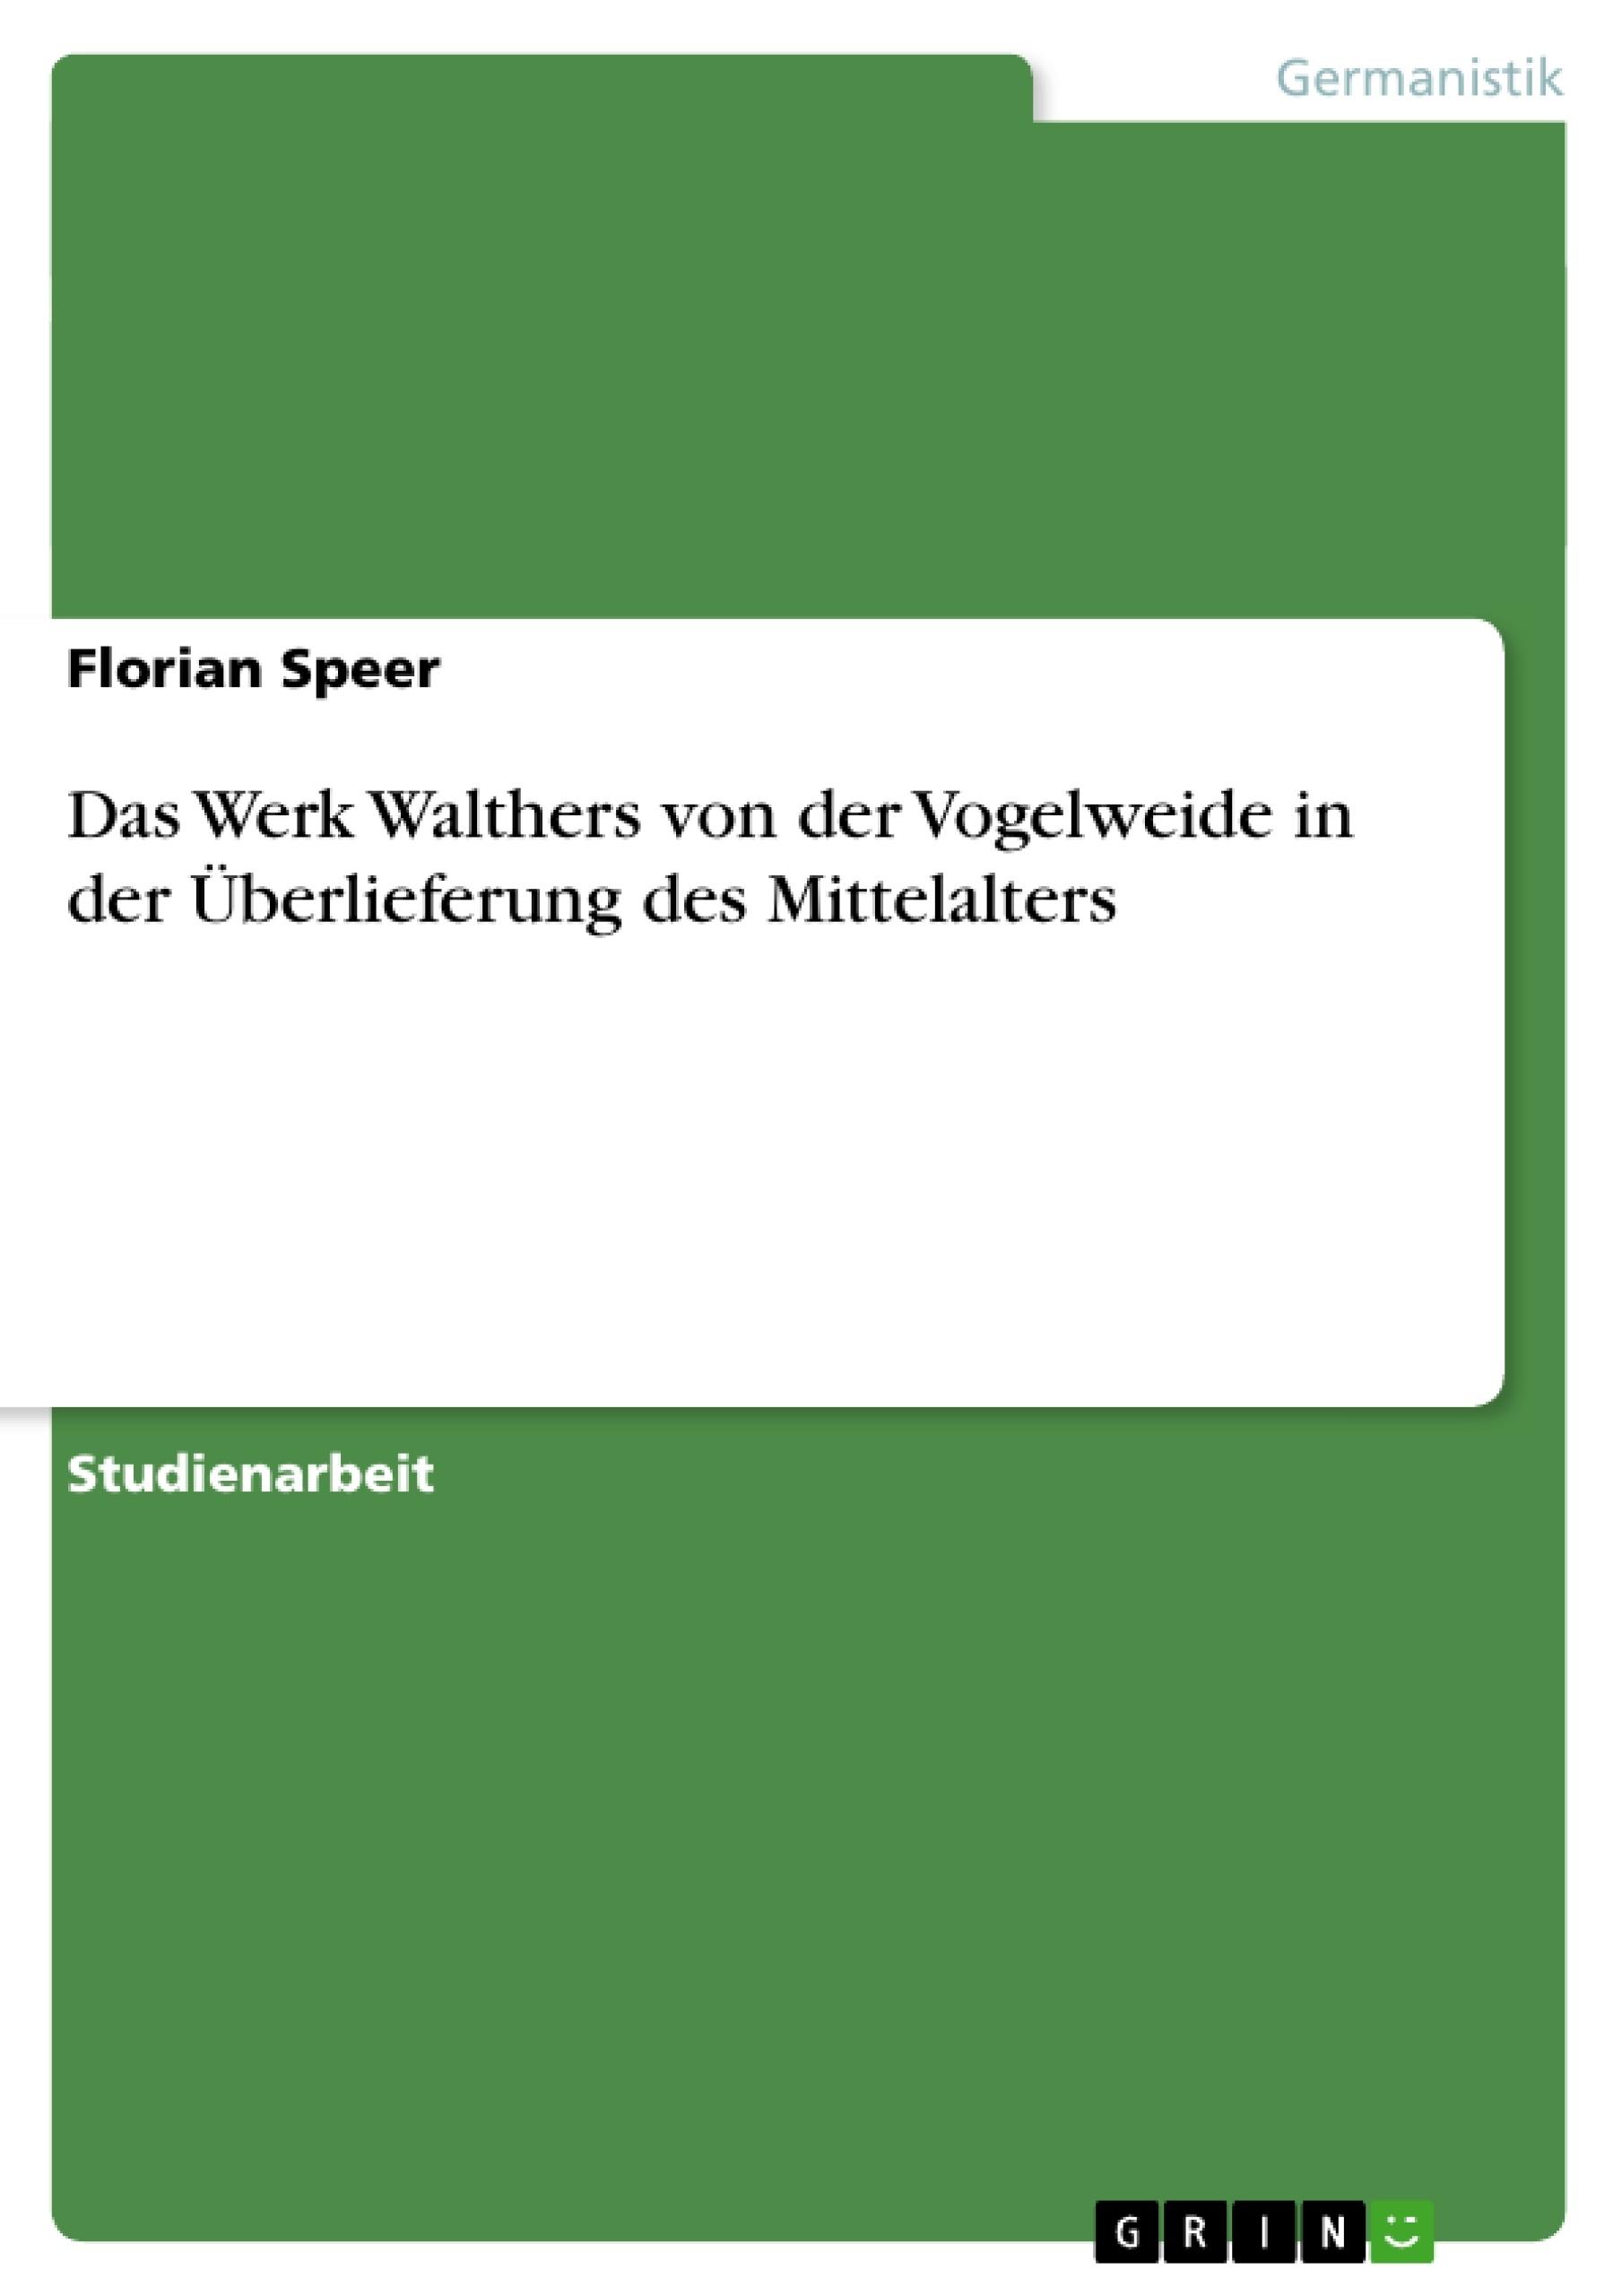 Titel: Das Werk Walthers von der Vogelweide in der Überlieferung des Mittelalters